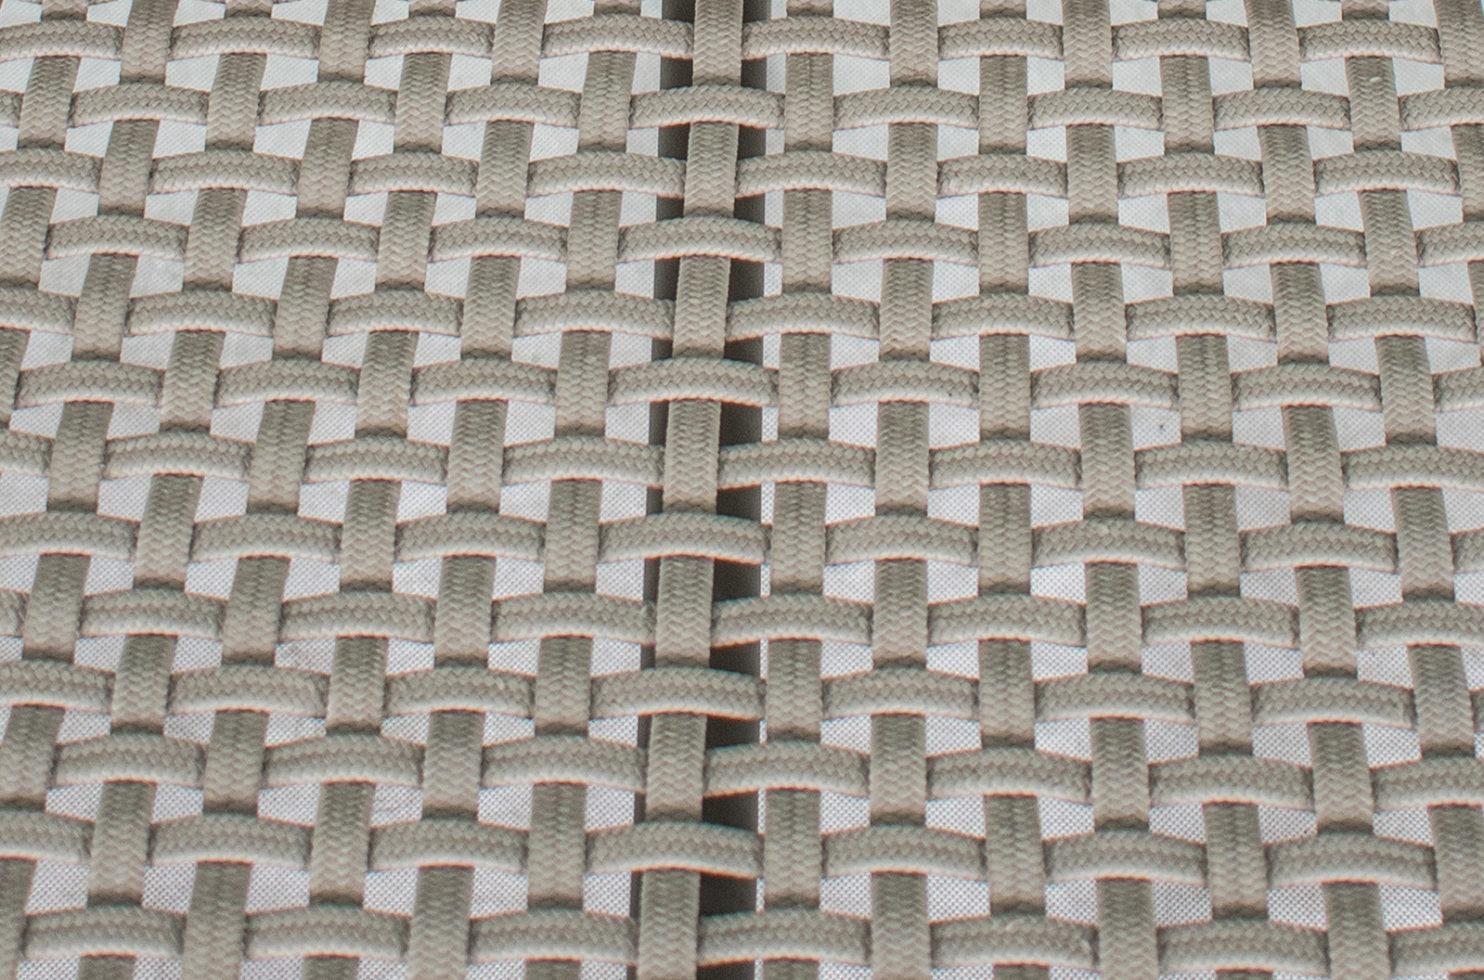 Archipelago andaman sofa 620FT066P2LGT frame dtl2